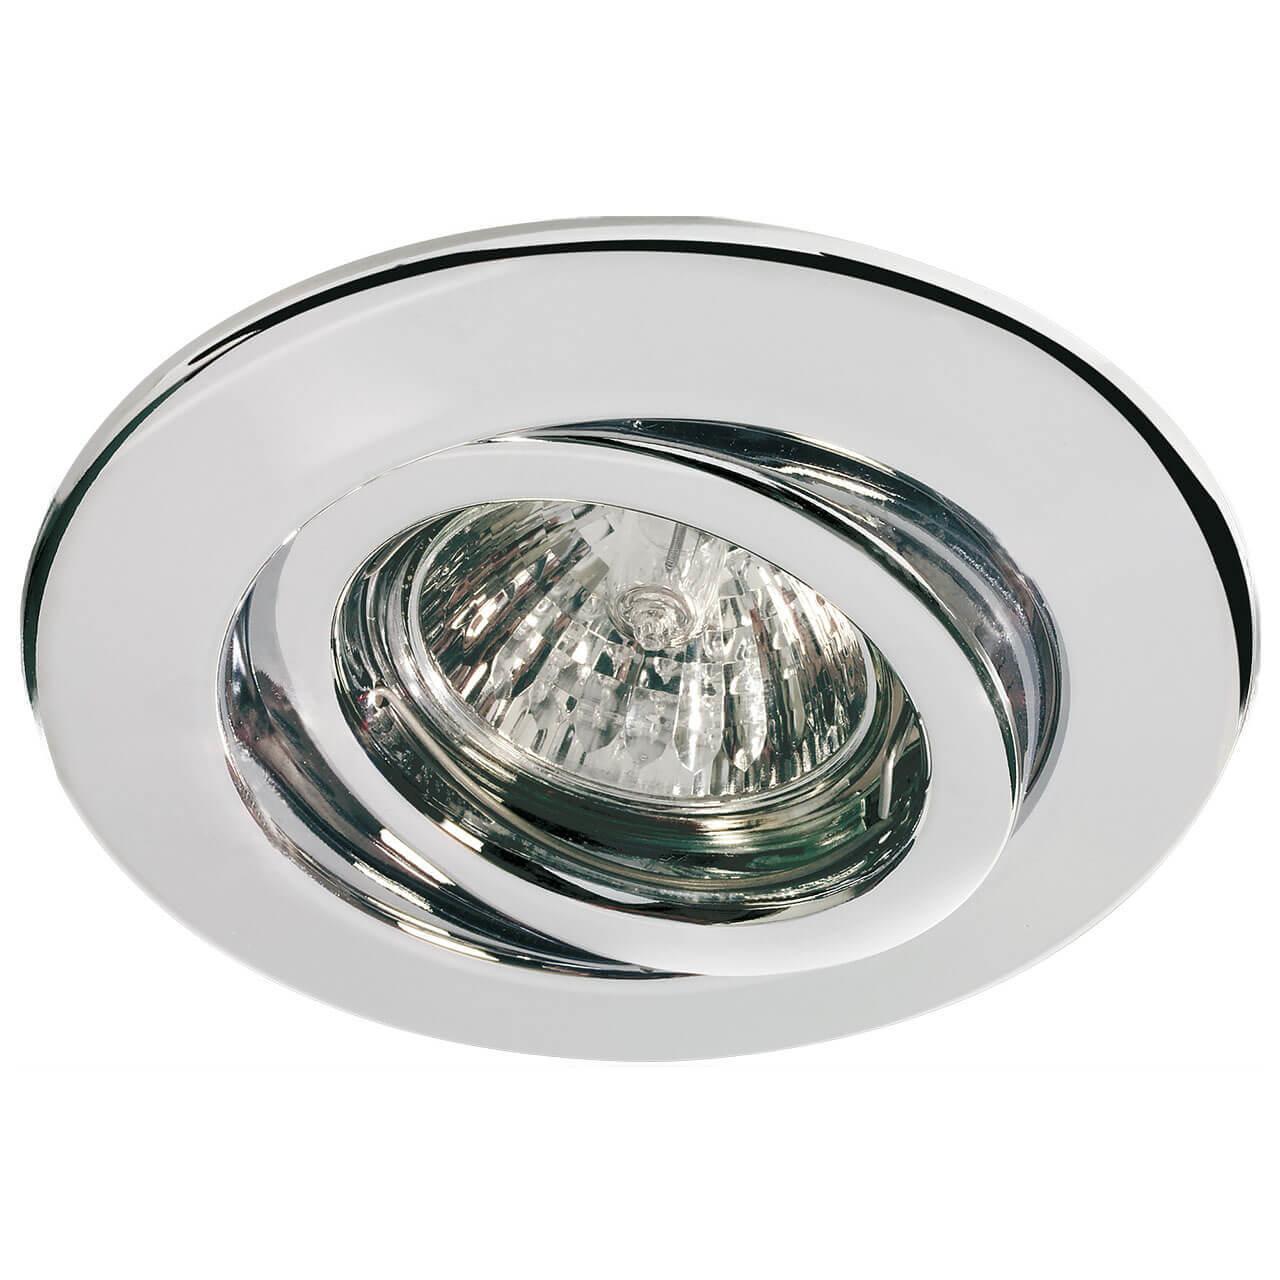 Встраиваемый светильник Paulmann Quality Line Halogen 98831.